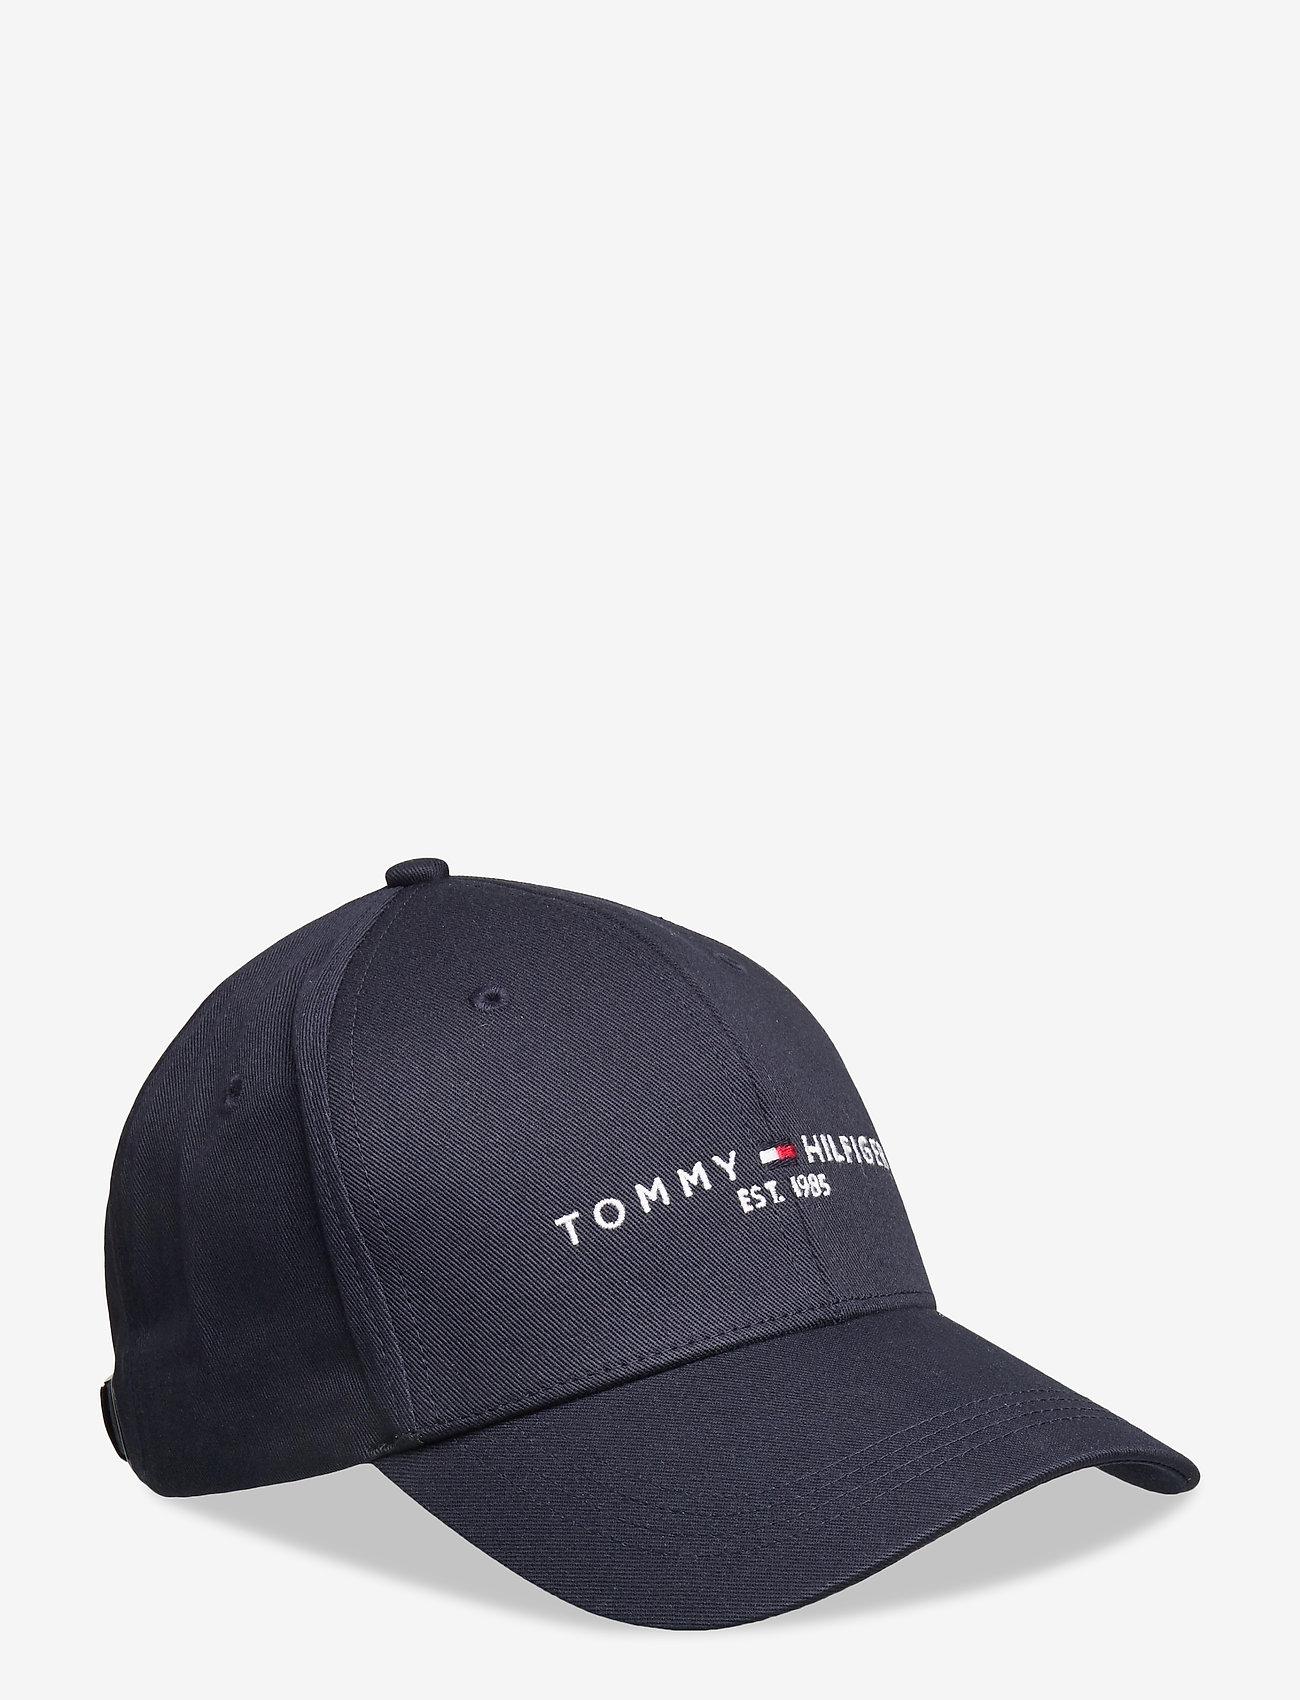 Tommy Hilfiger - TH ESTABLISHED CAP - kasketter - desert sky - 0